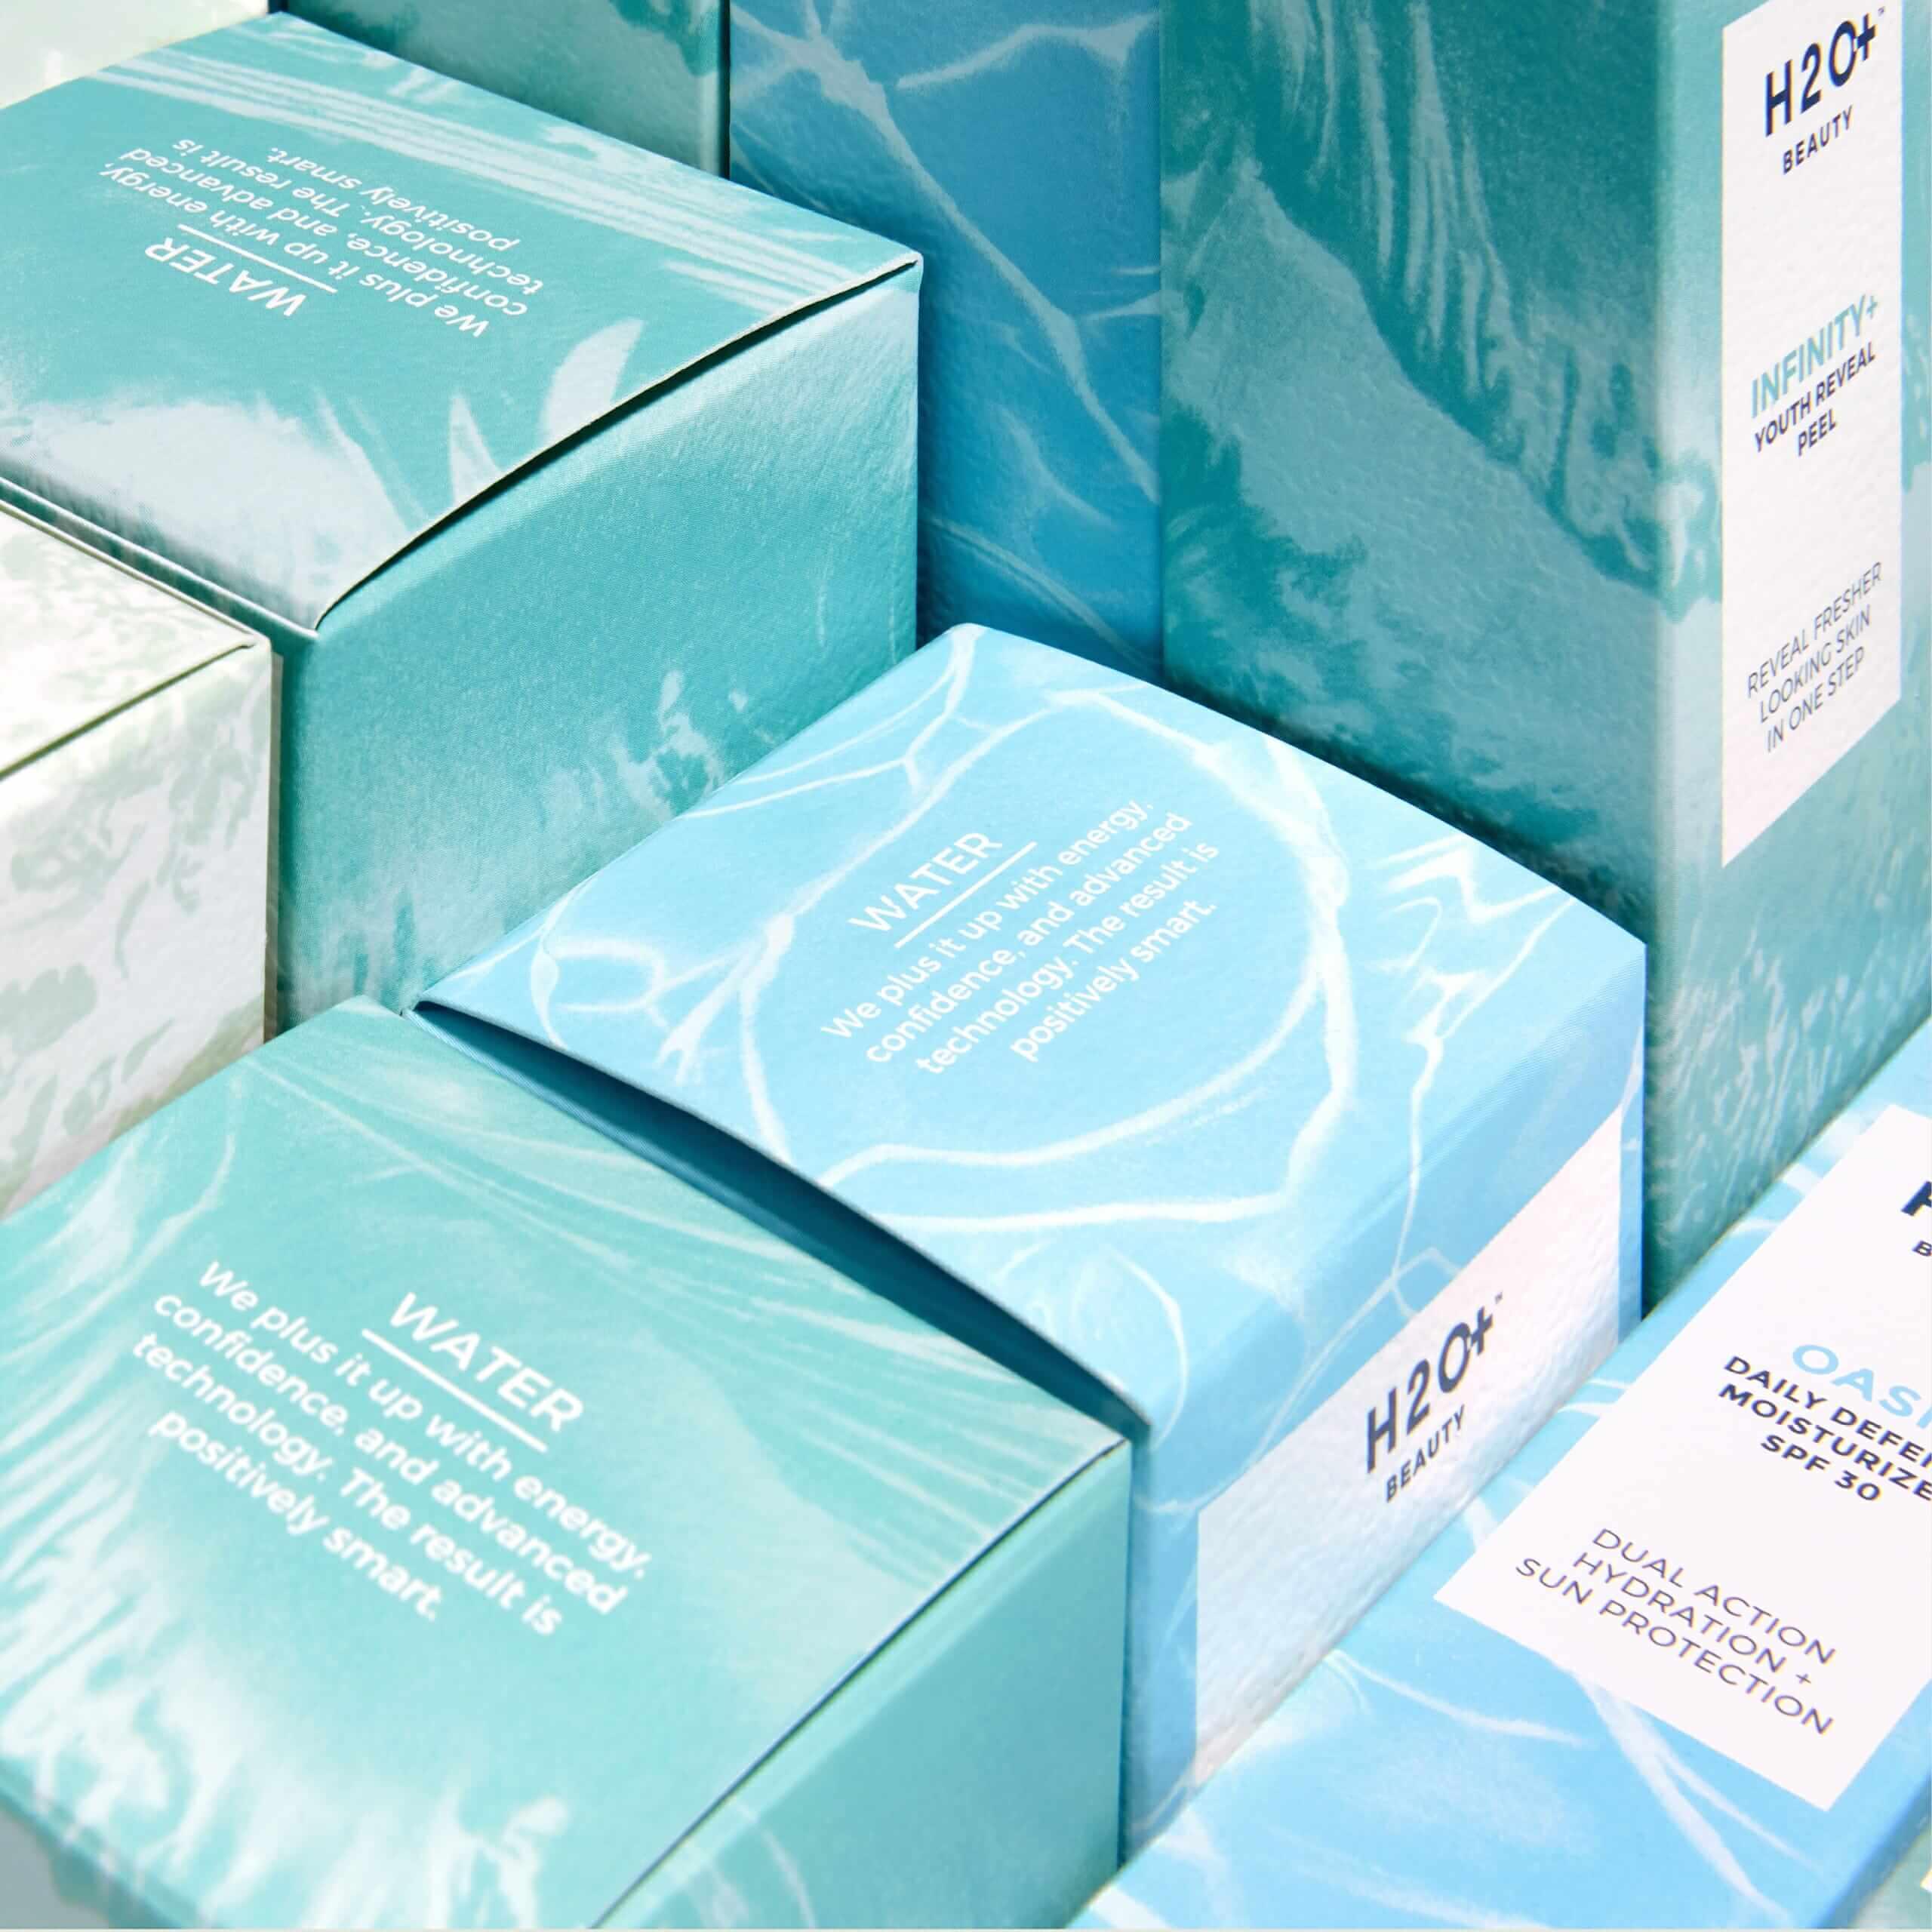 AI_H2O_Packaging_LR_1-2